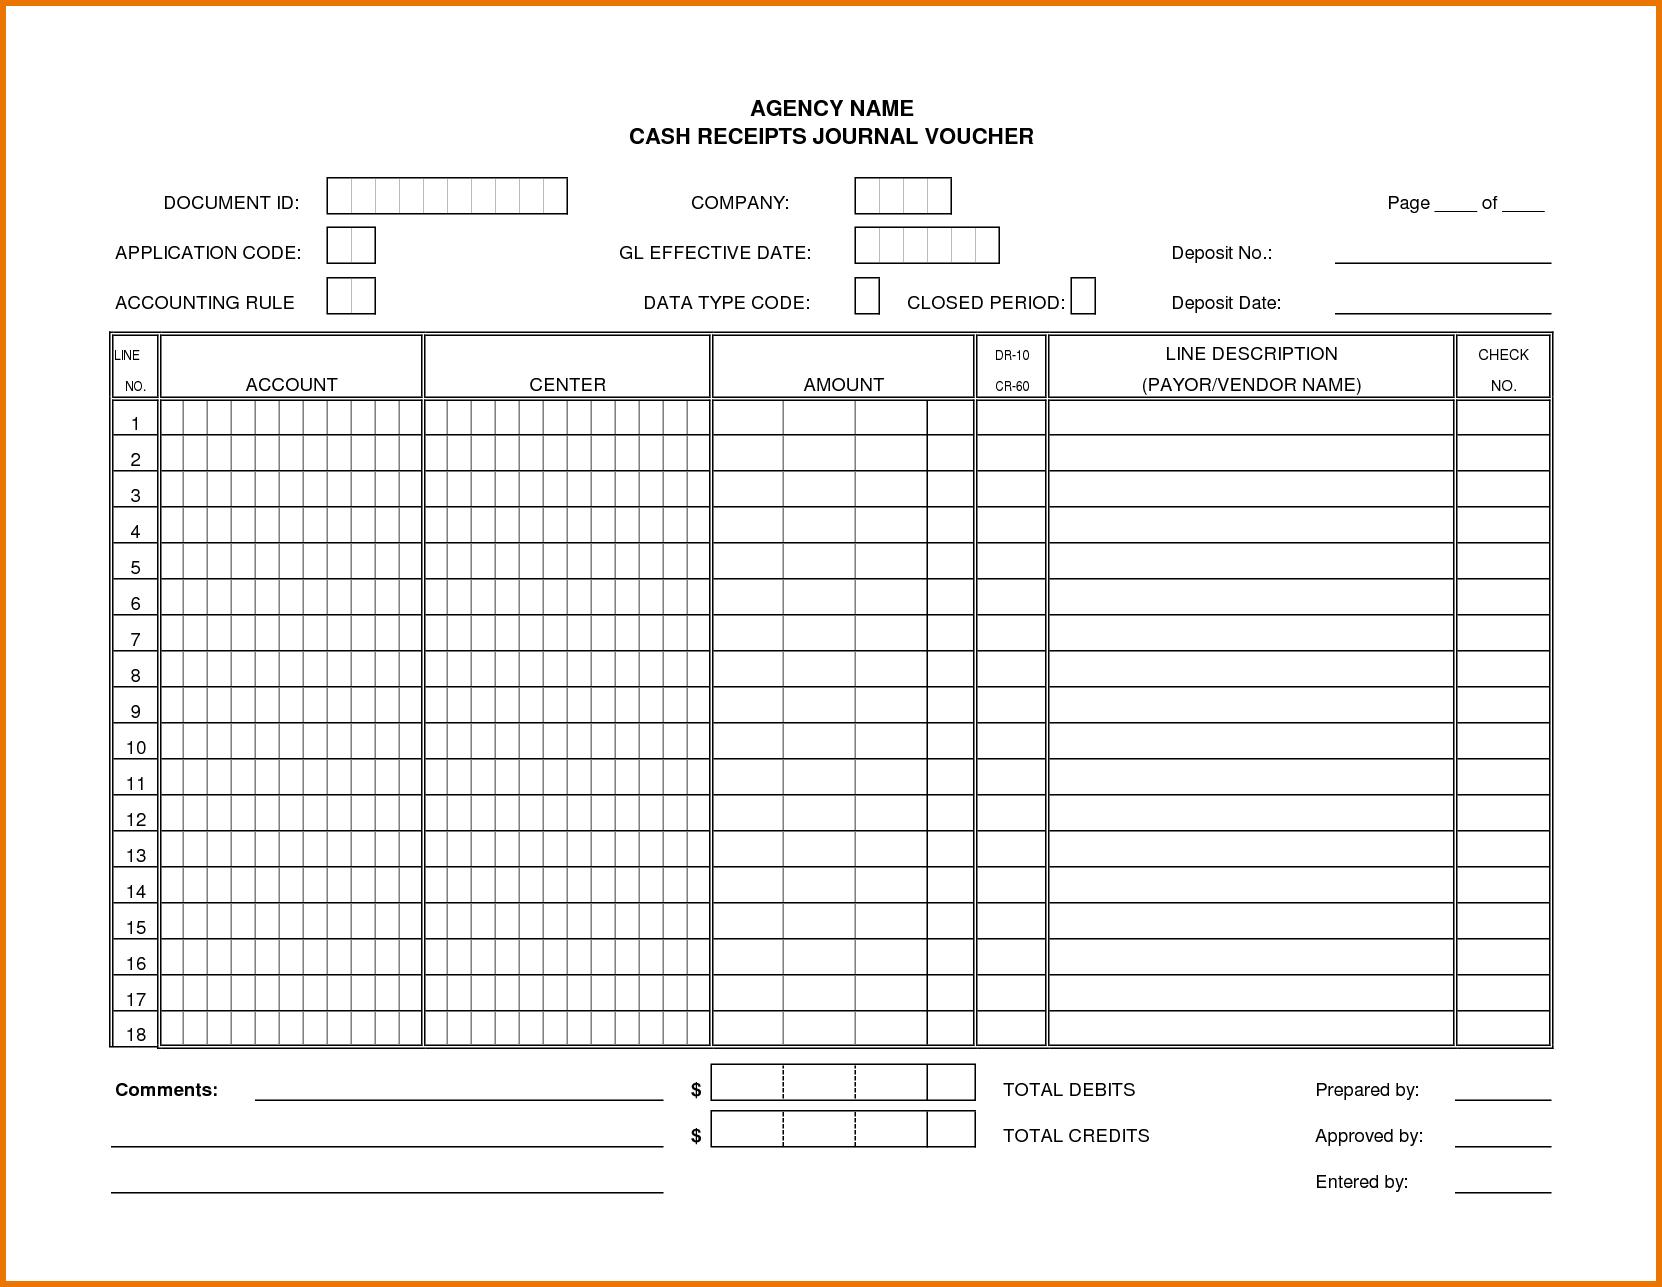 Cash Receipt Journal Template